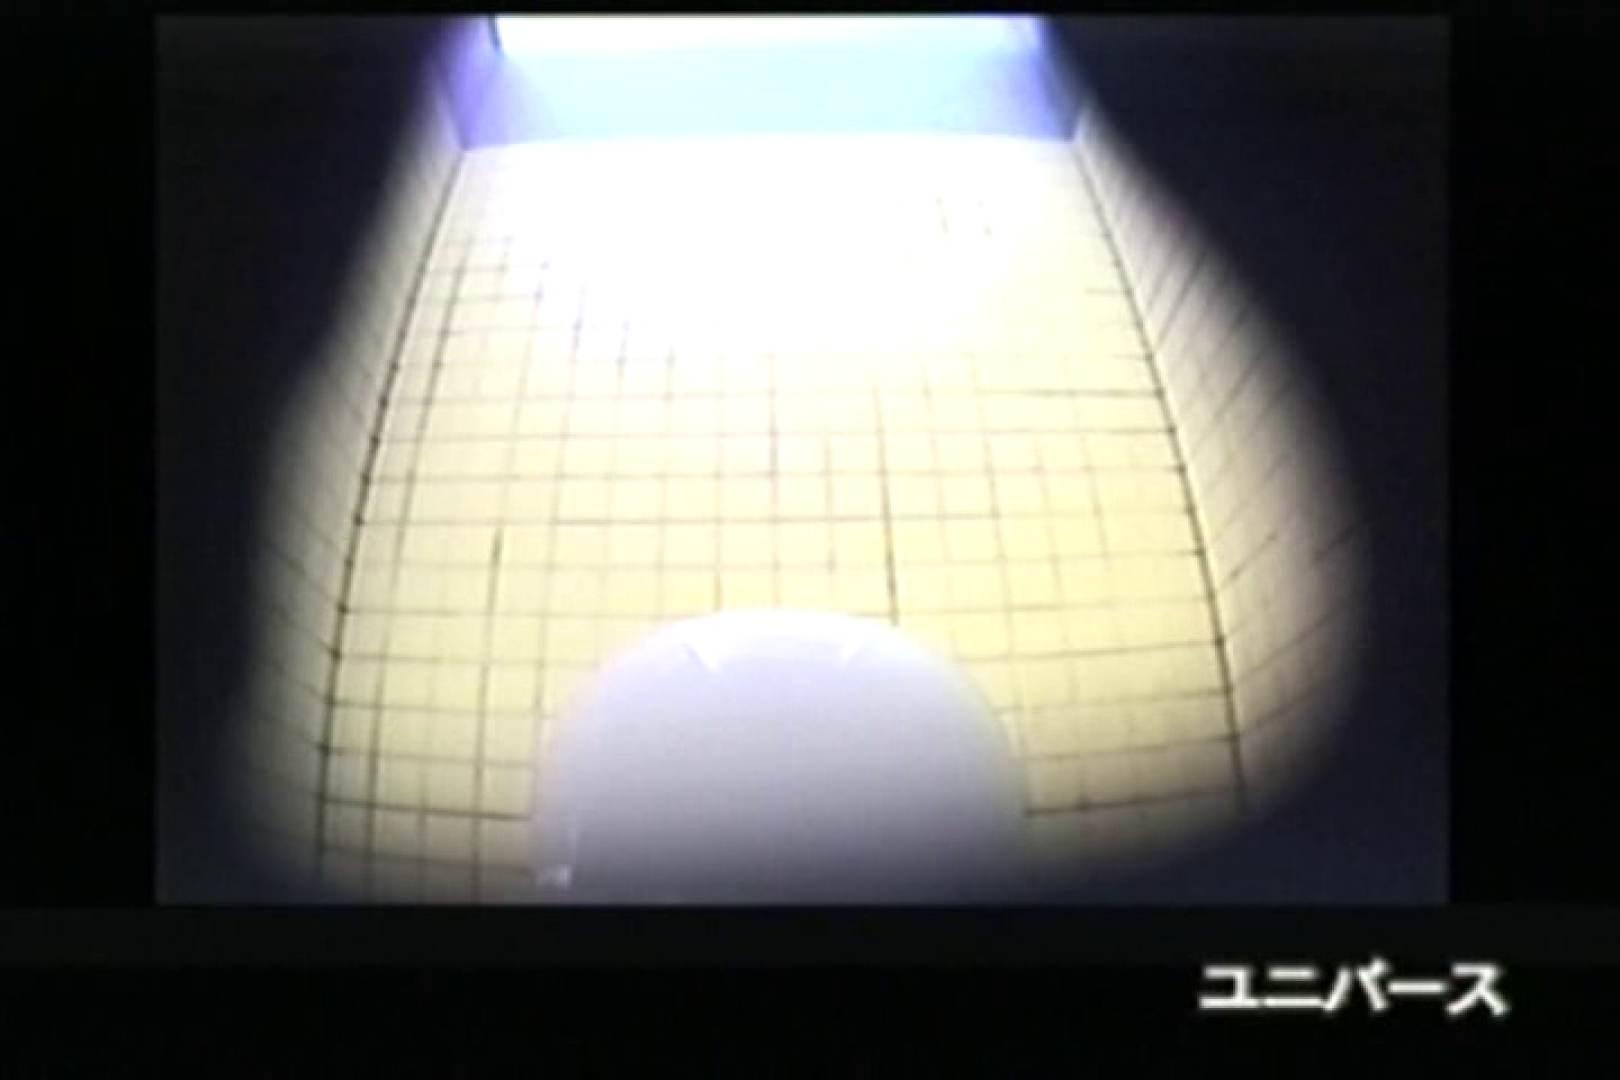 下半身シースルー洗面所Vol.4 OLヌード天国  91PIX 30